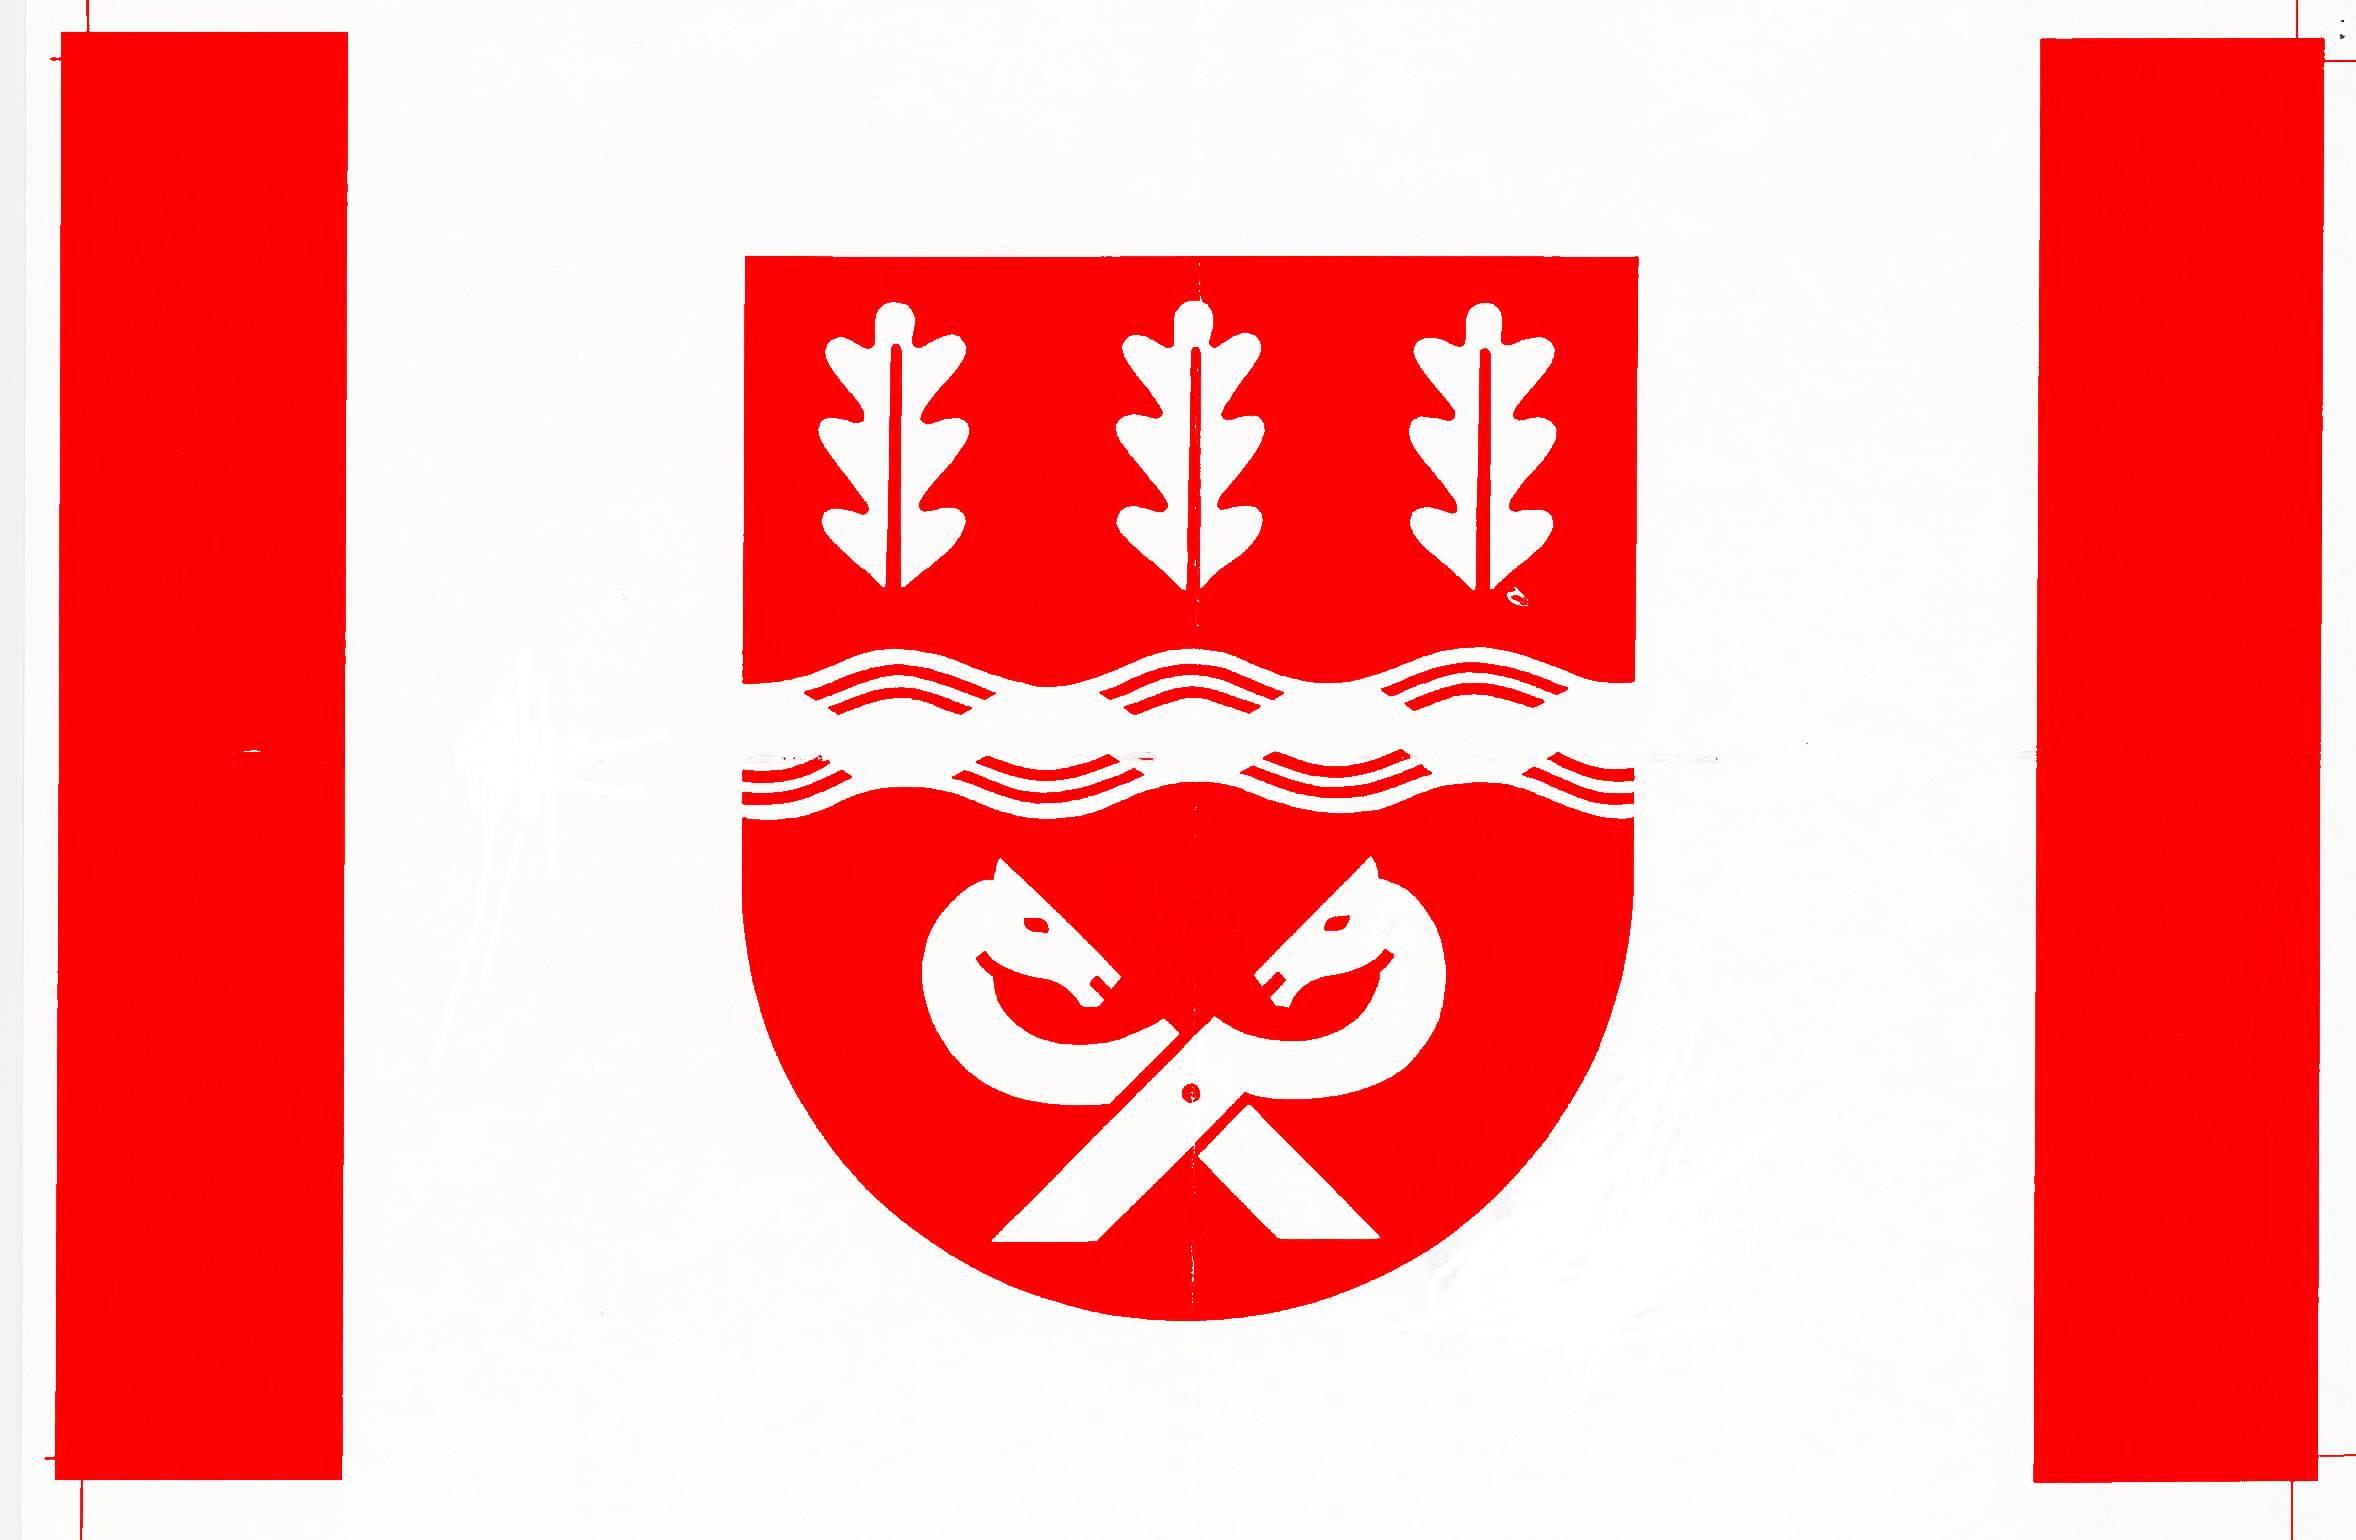 Flagge GemeindeWohltorf, Kreis Herzogtum Lauenburg